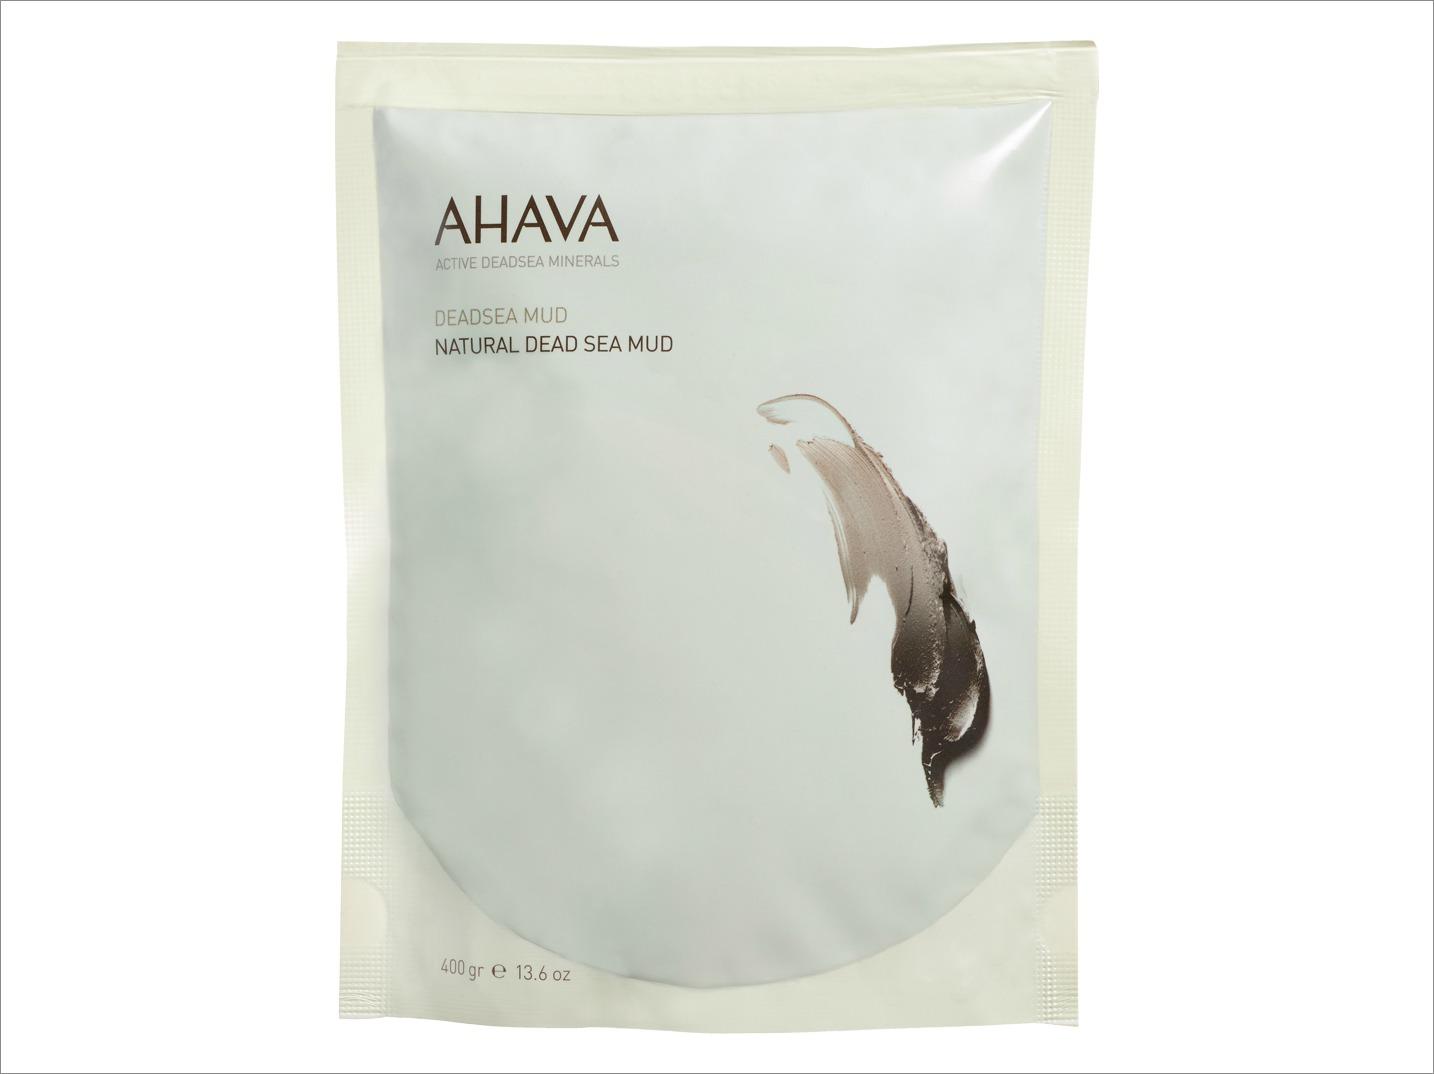 Ahava Natural Dead Sea Body Mud therapeutic